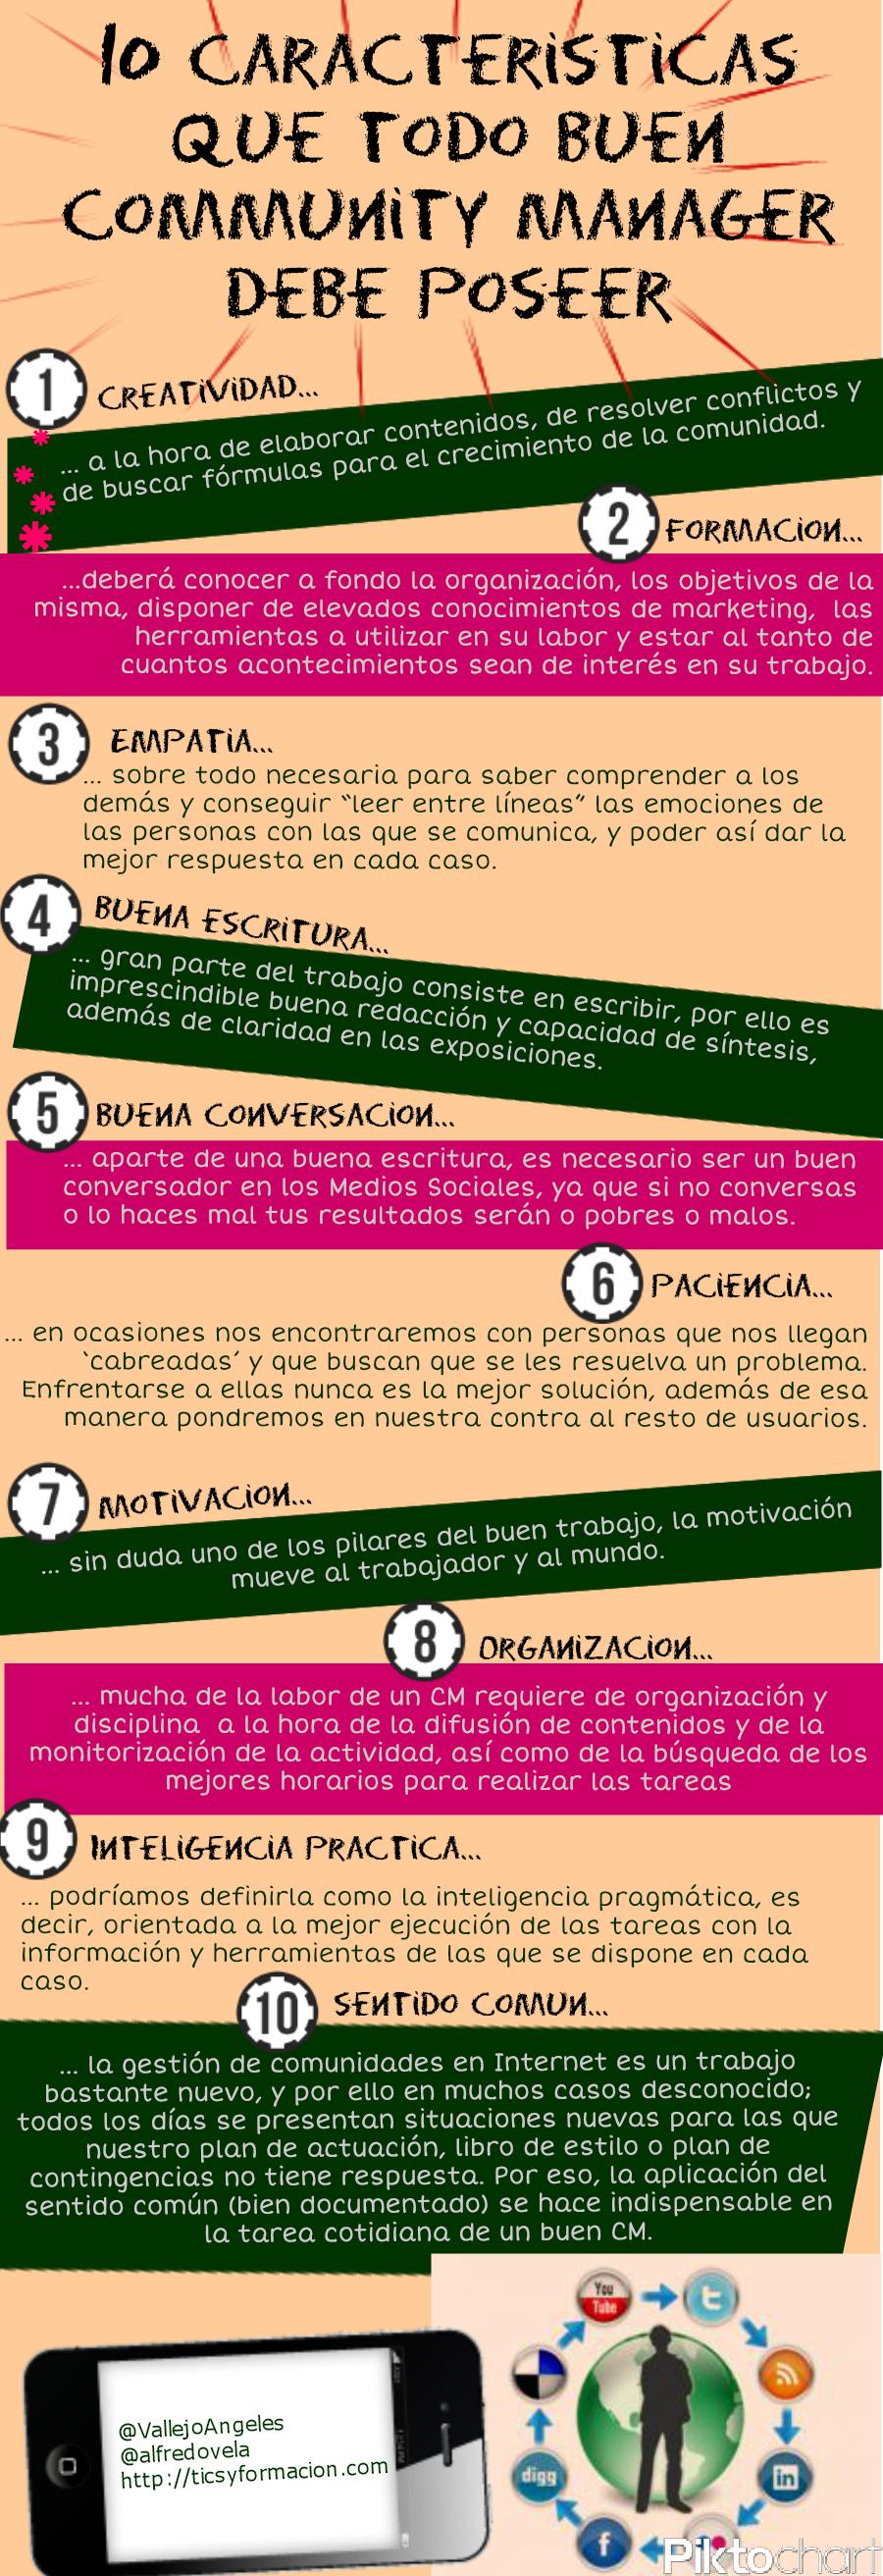 Infografia - 10 características que todo buen Community Manager debe poseer #infografia #infographic #socialmedia